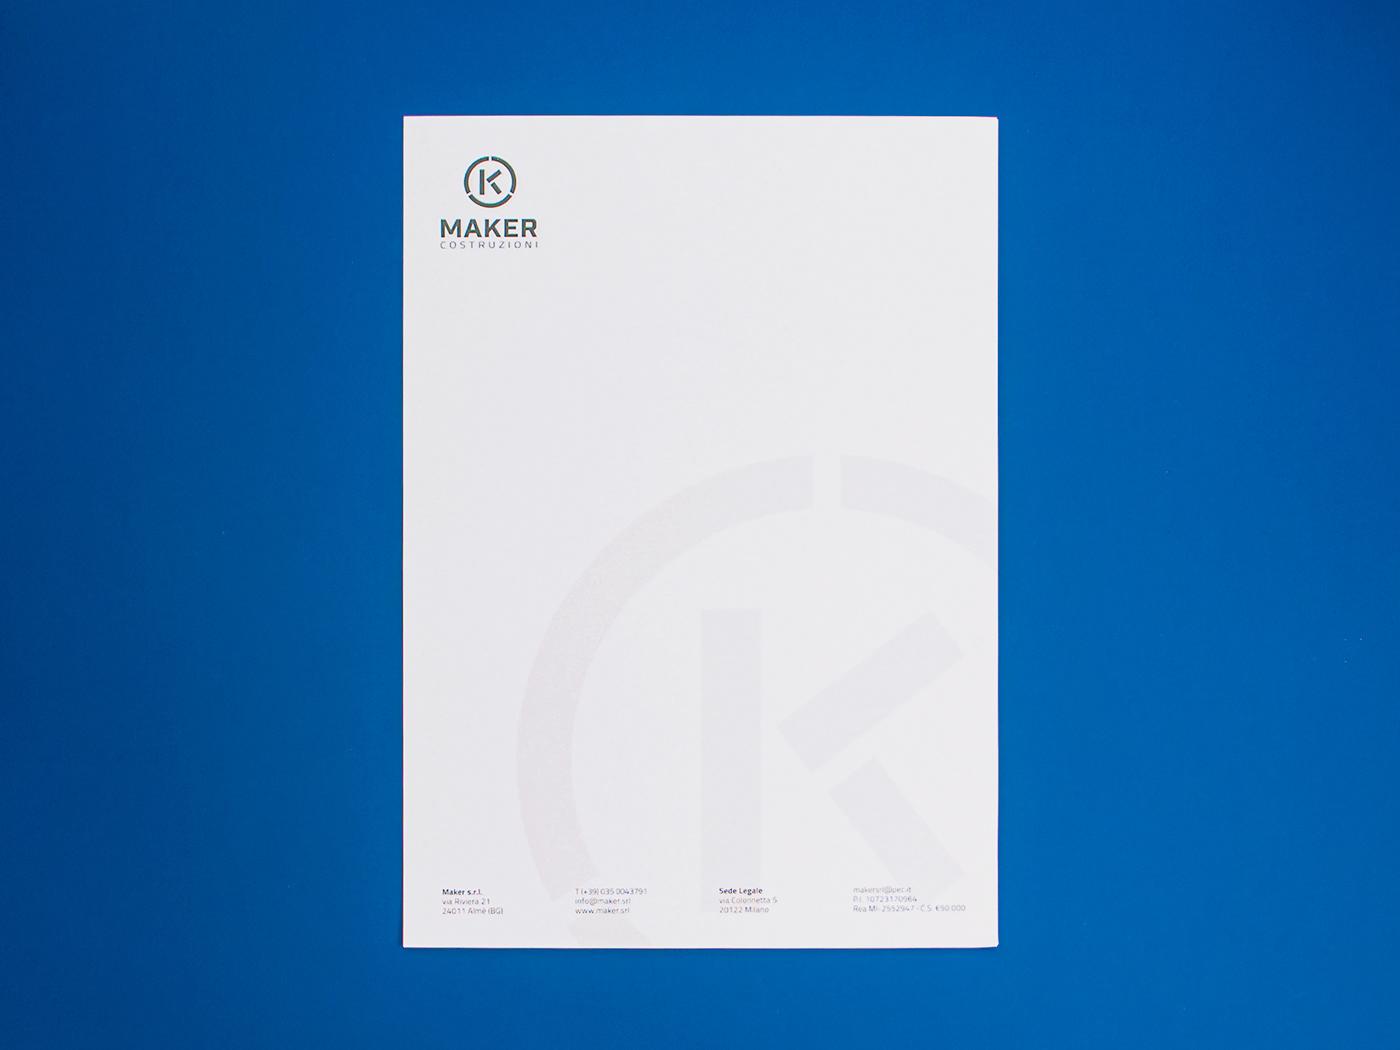 logo brand brand identity print design  business card branding  envelope art direction  folder